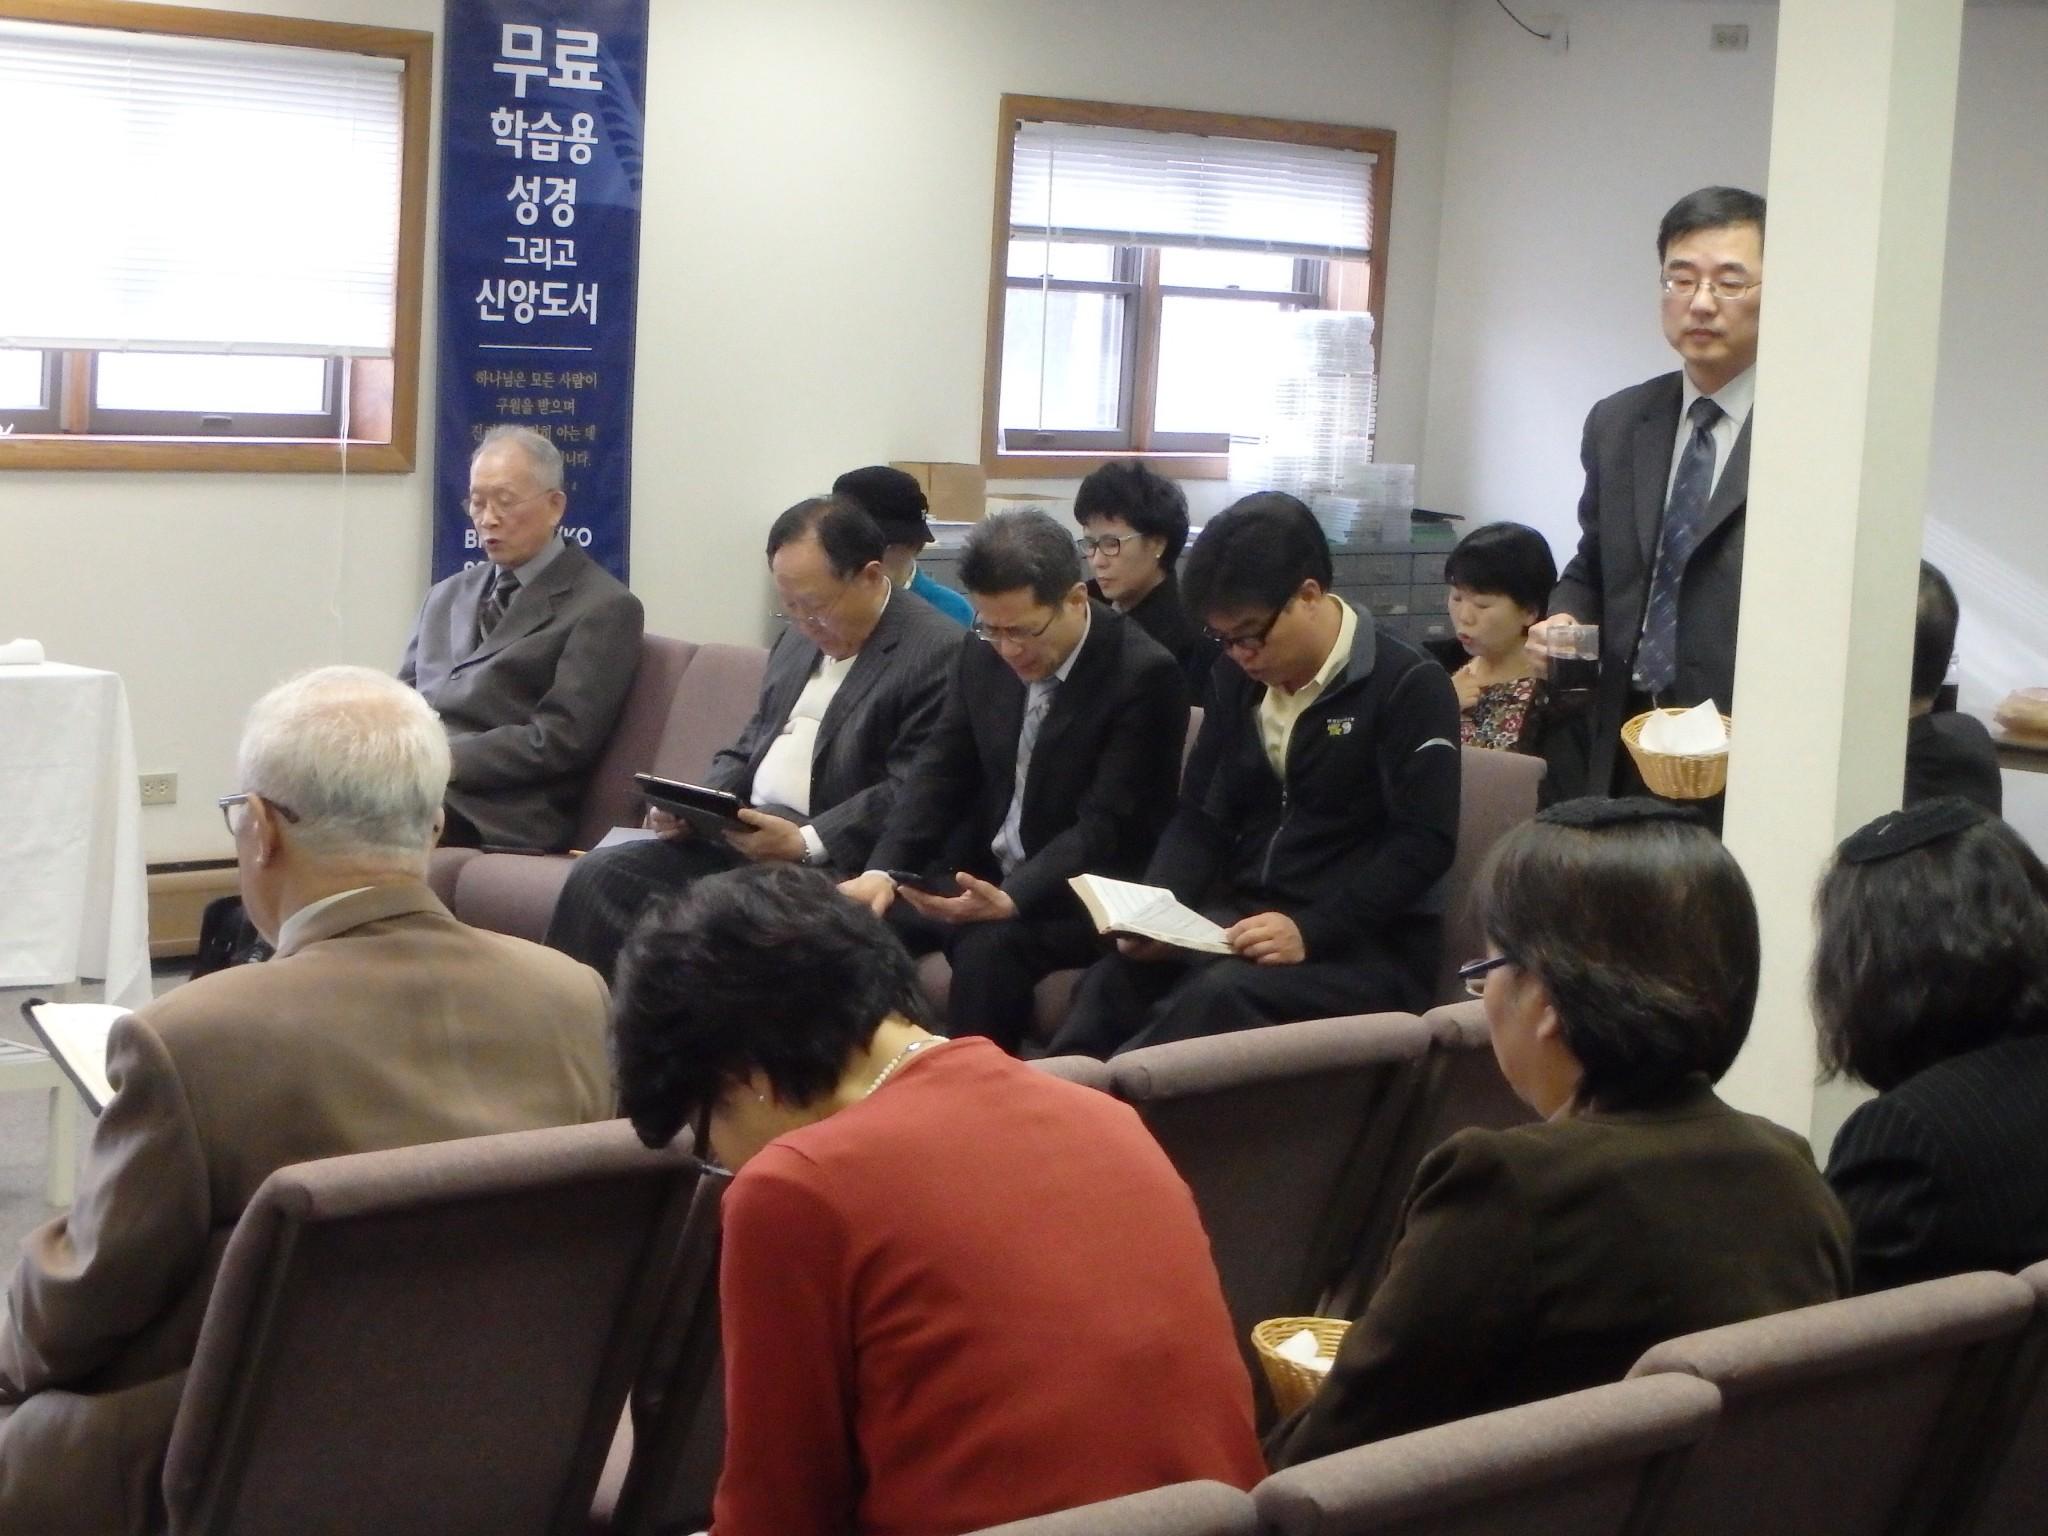 Korean-Speaking Meeting